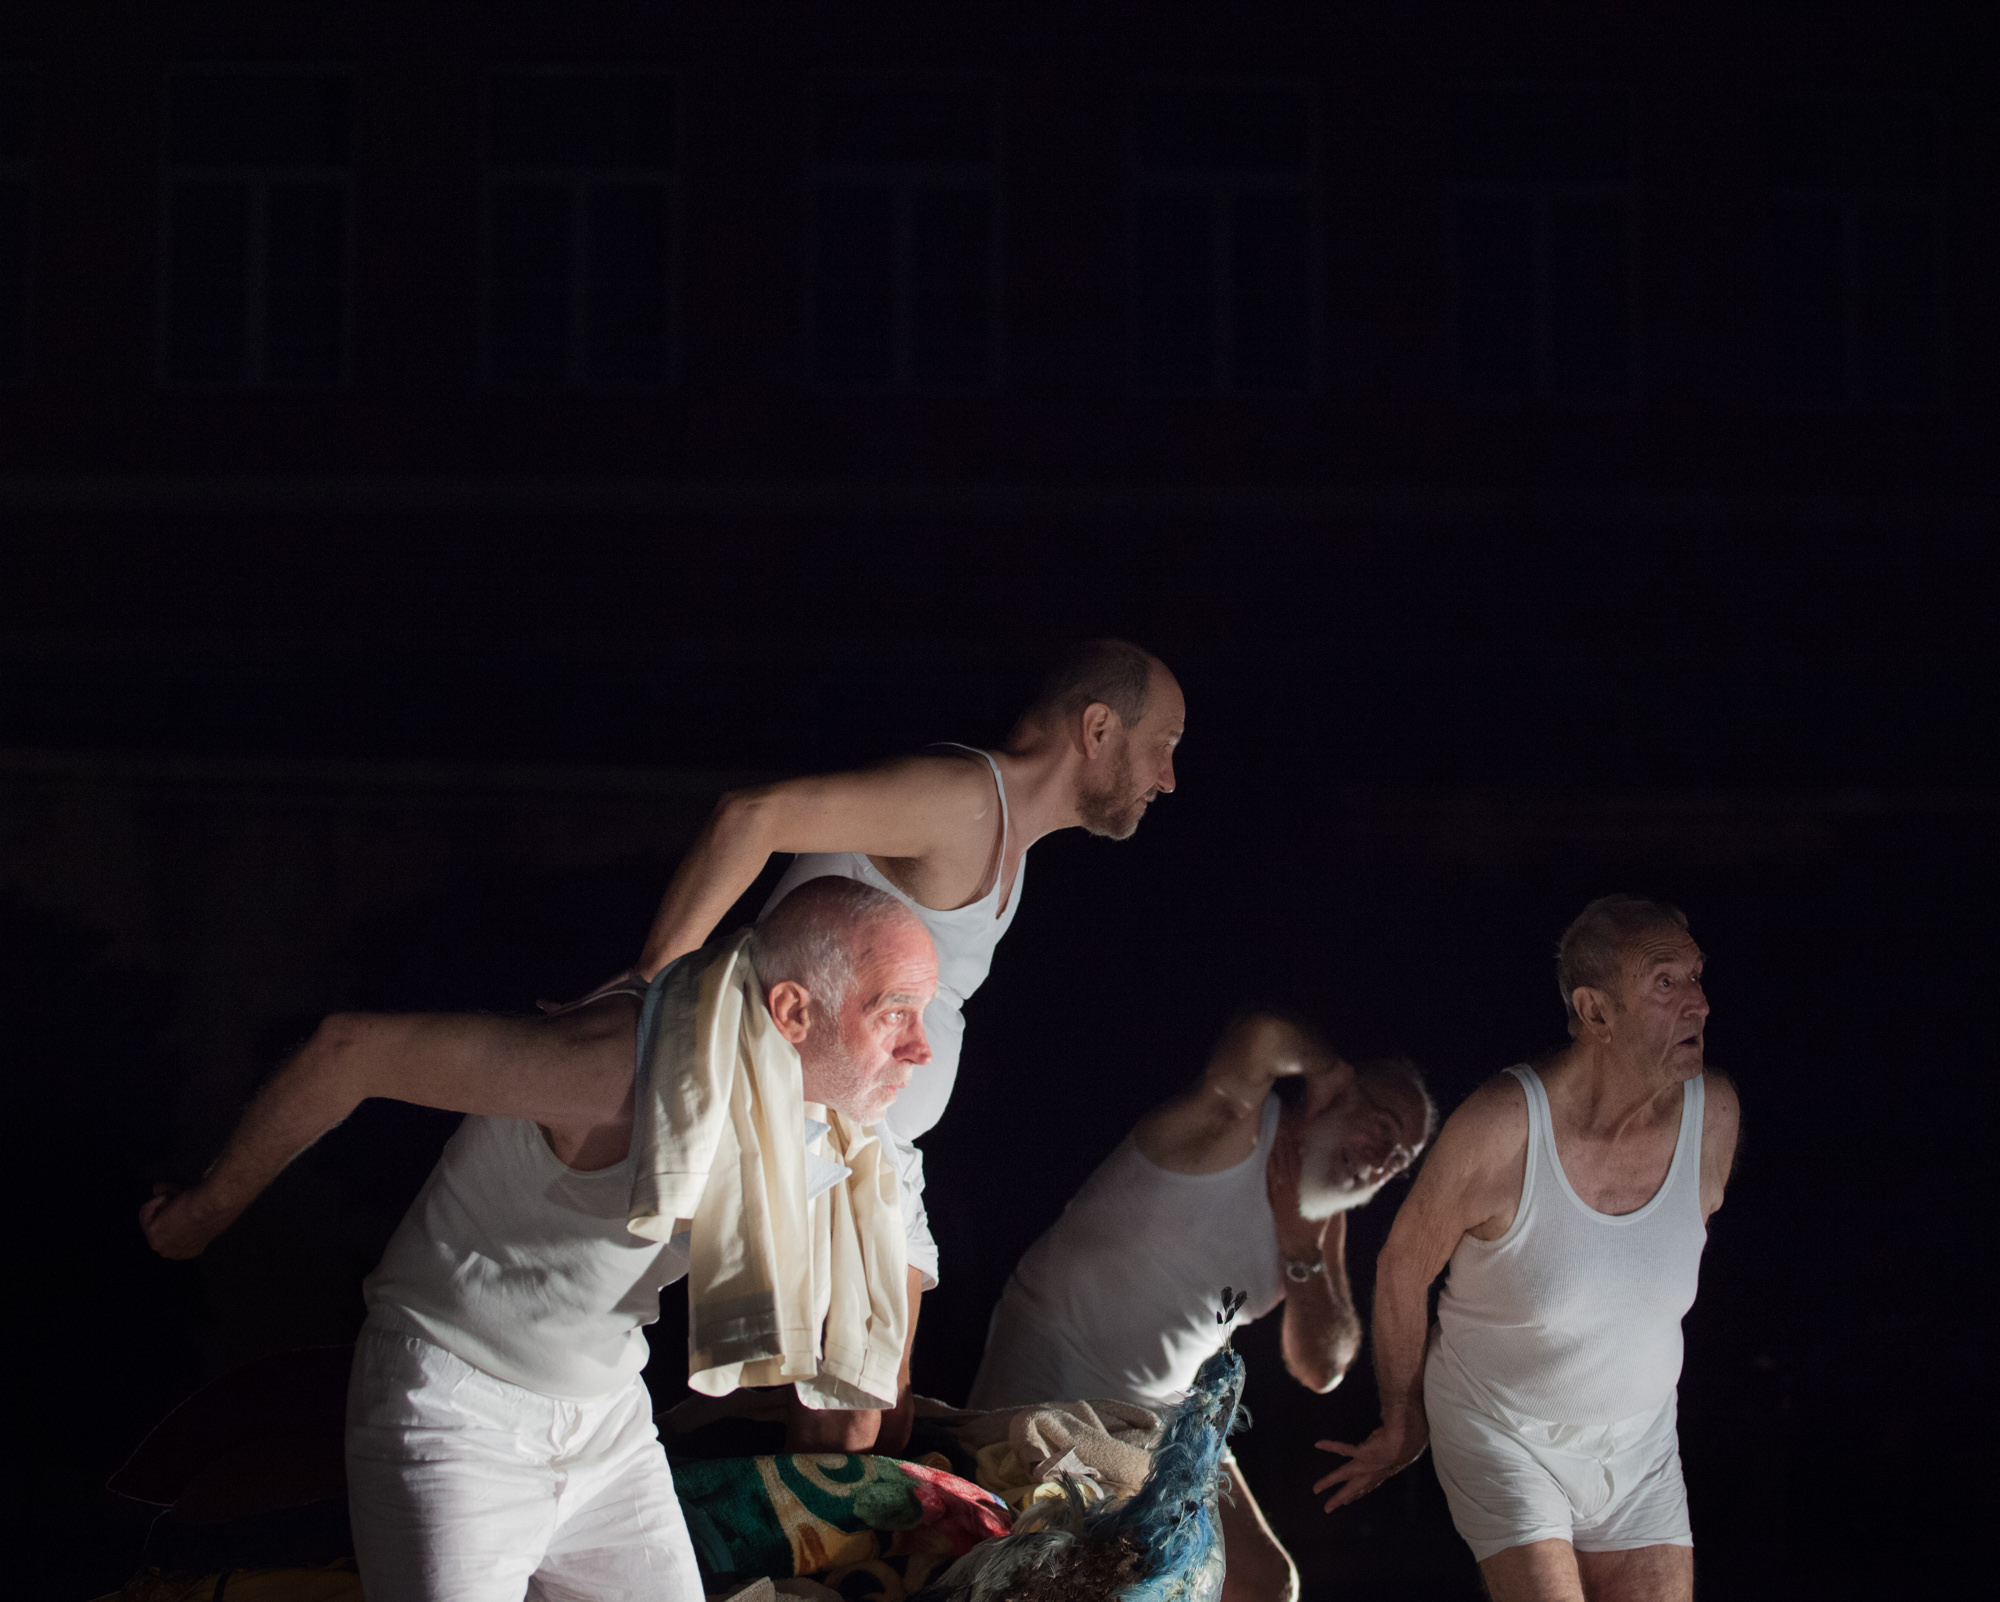 «Λυσιστράτη» σε σκηνοθεσία του Μιχαήλ Μαρμαρινού